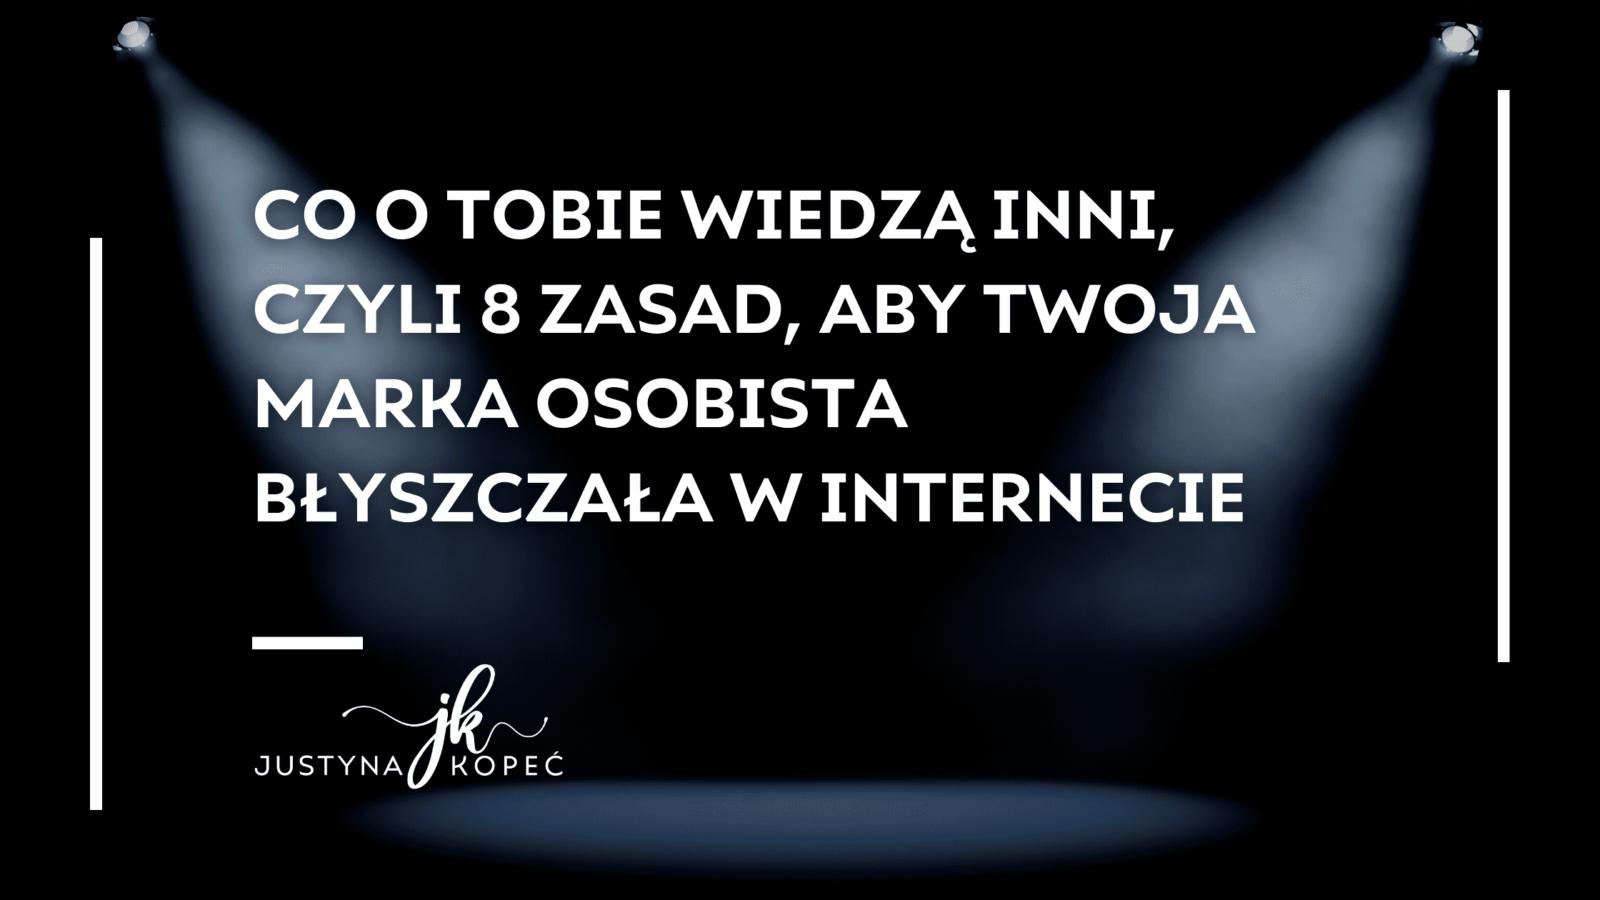 marka osobista w internecie Justyna Kopeć blog artykuły